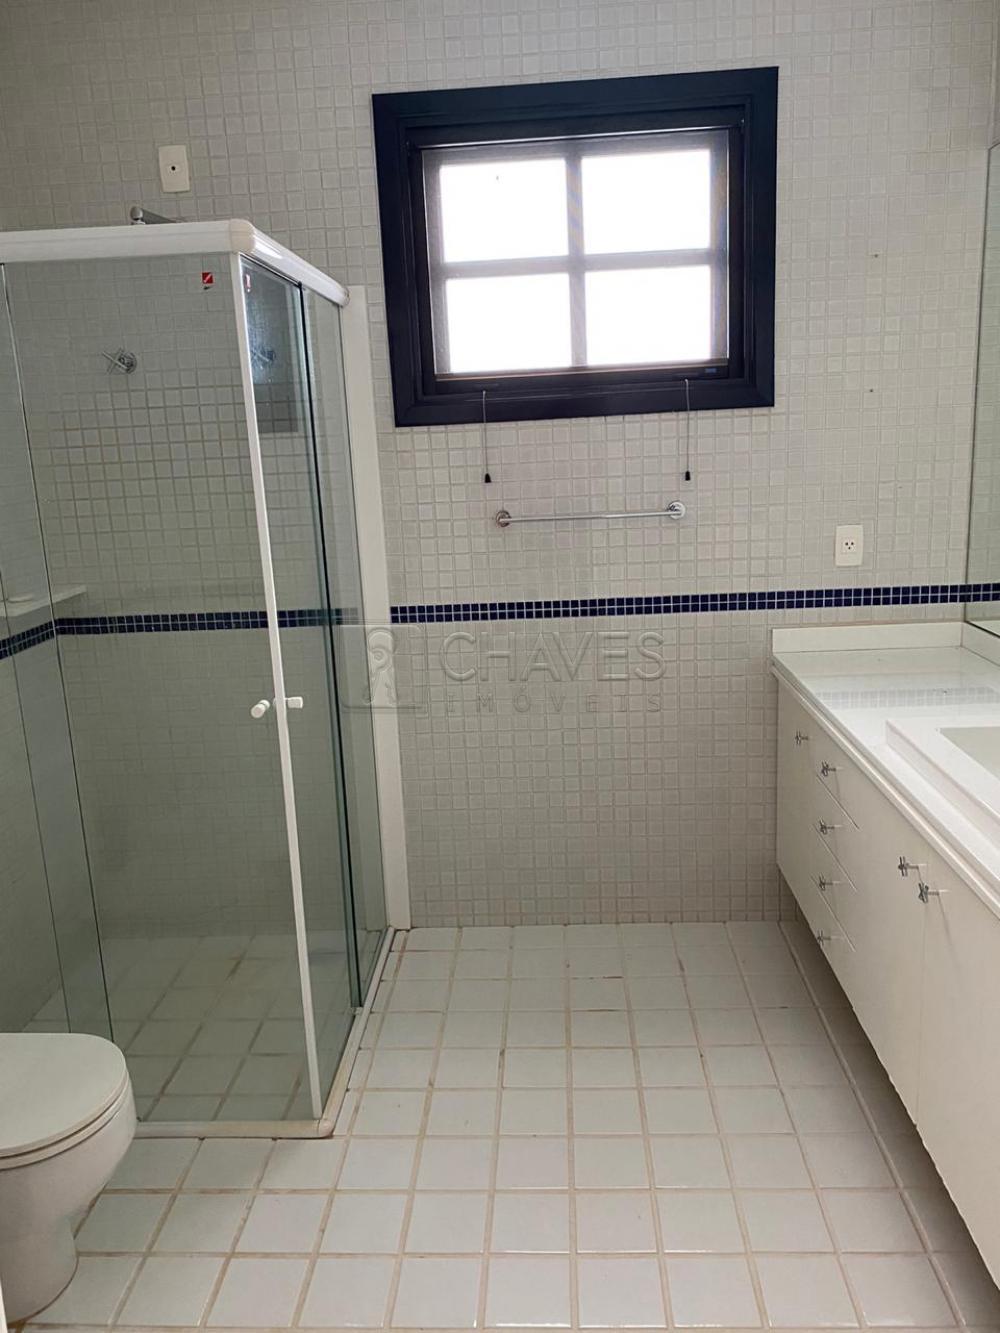 Comprar Casa / Condomínio em Ribeirão Preto apenas R$ 4.900.000,00 - Foto 15